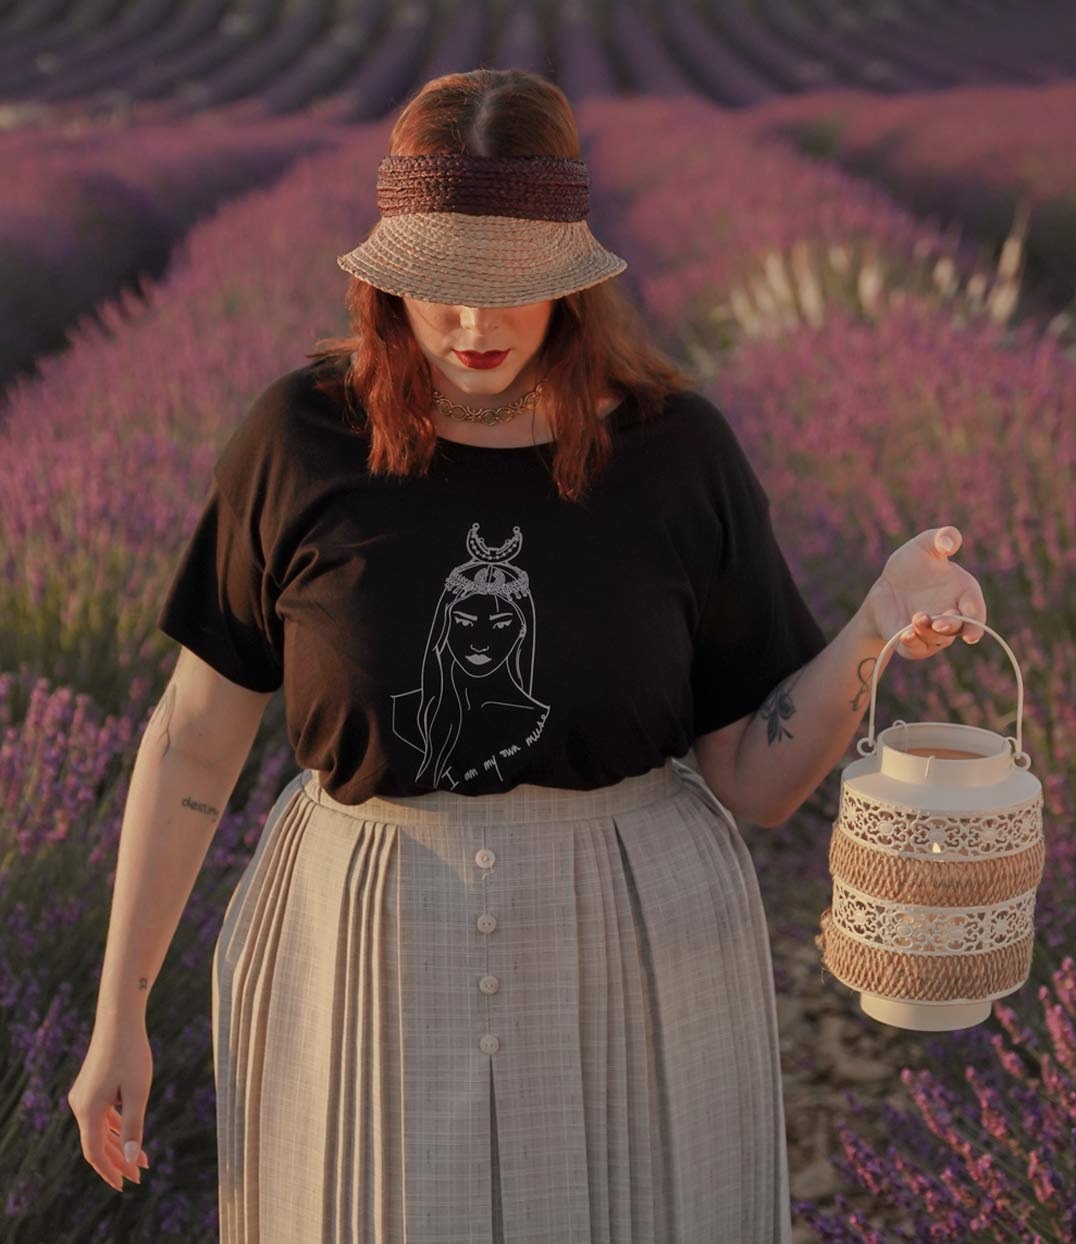 femme qui porte un t-shirt noir loose coyoqui dans un champ de lavande